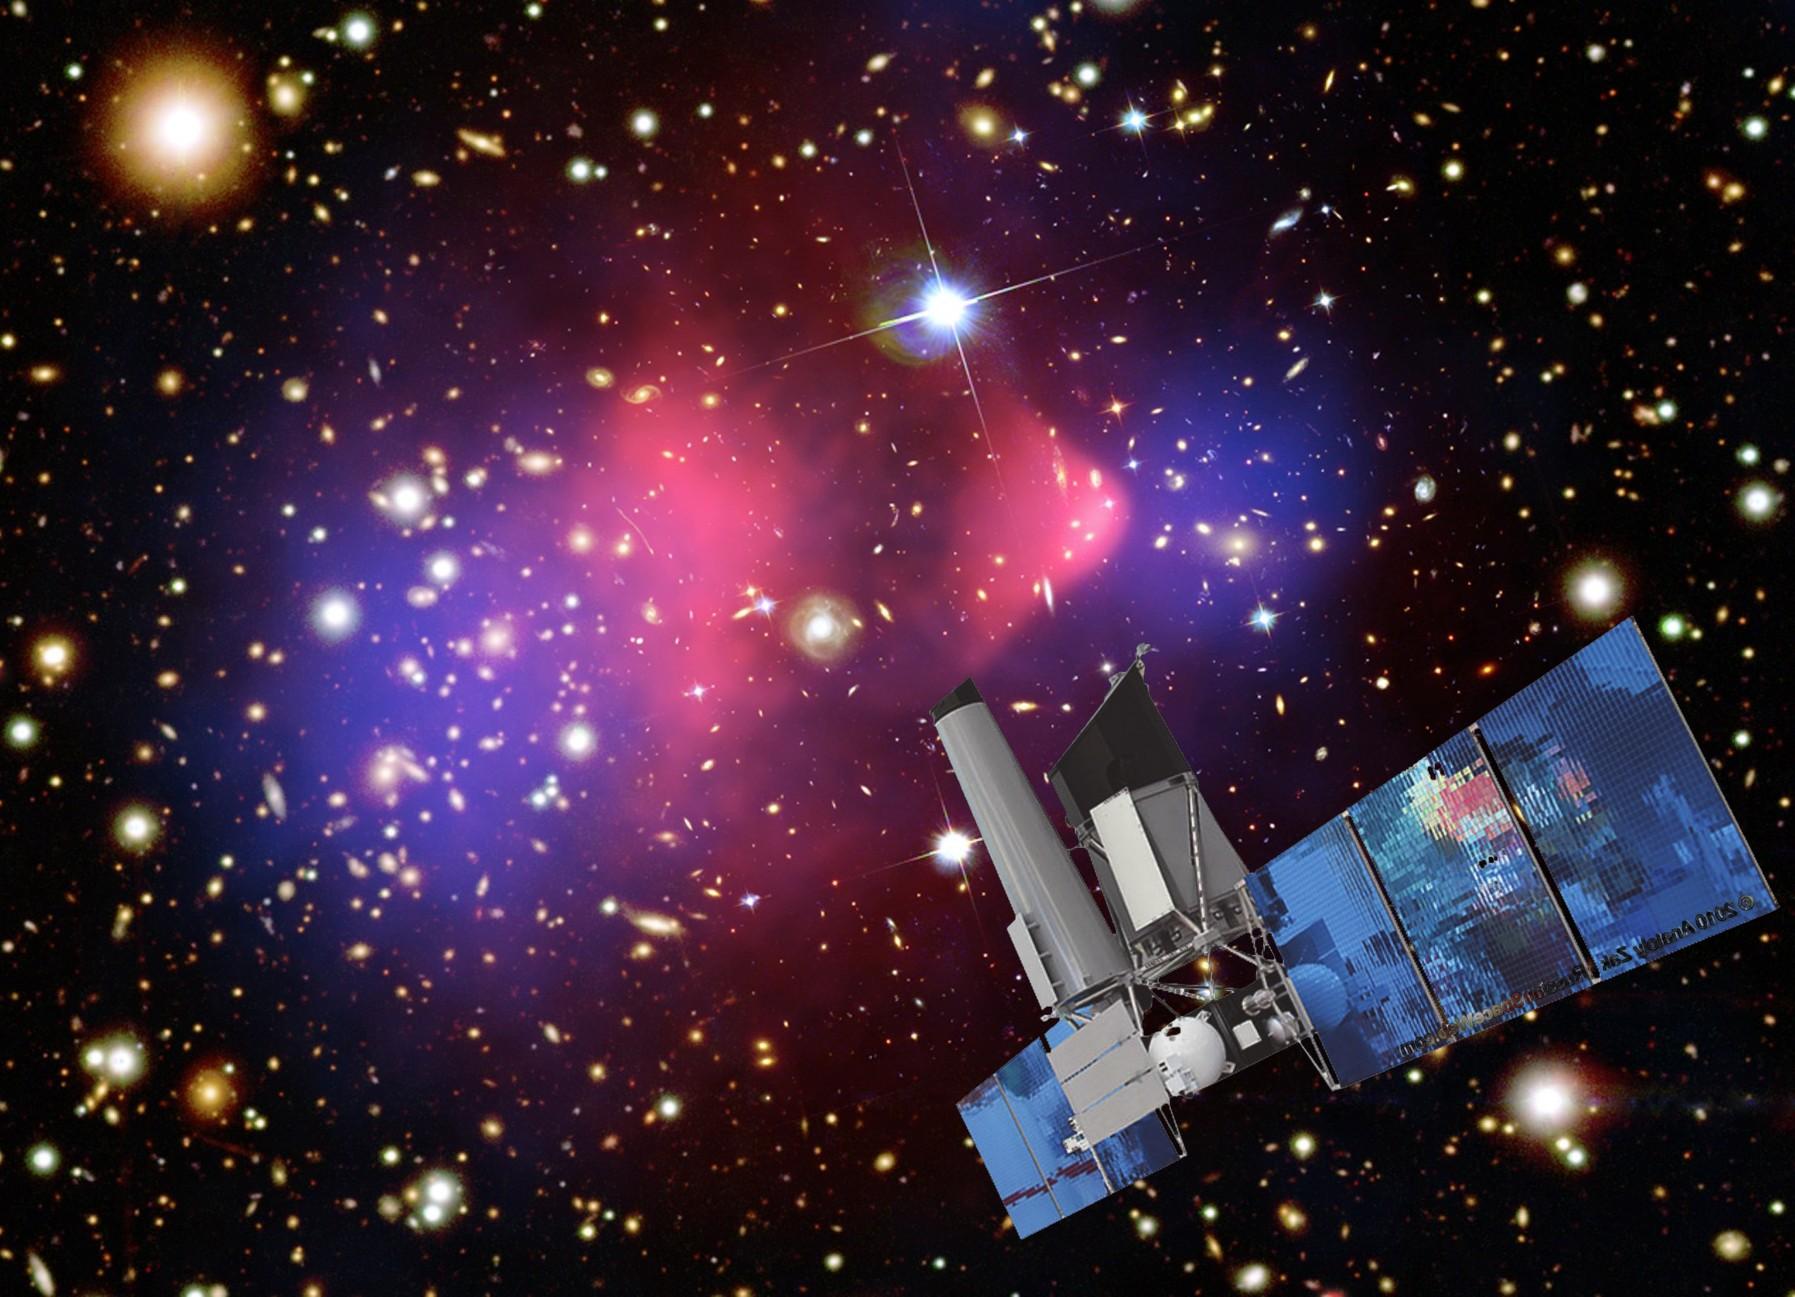 eRosita telescope